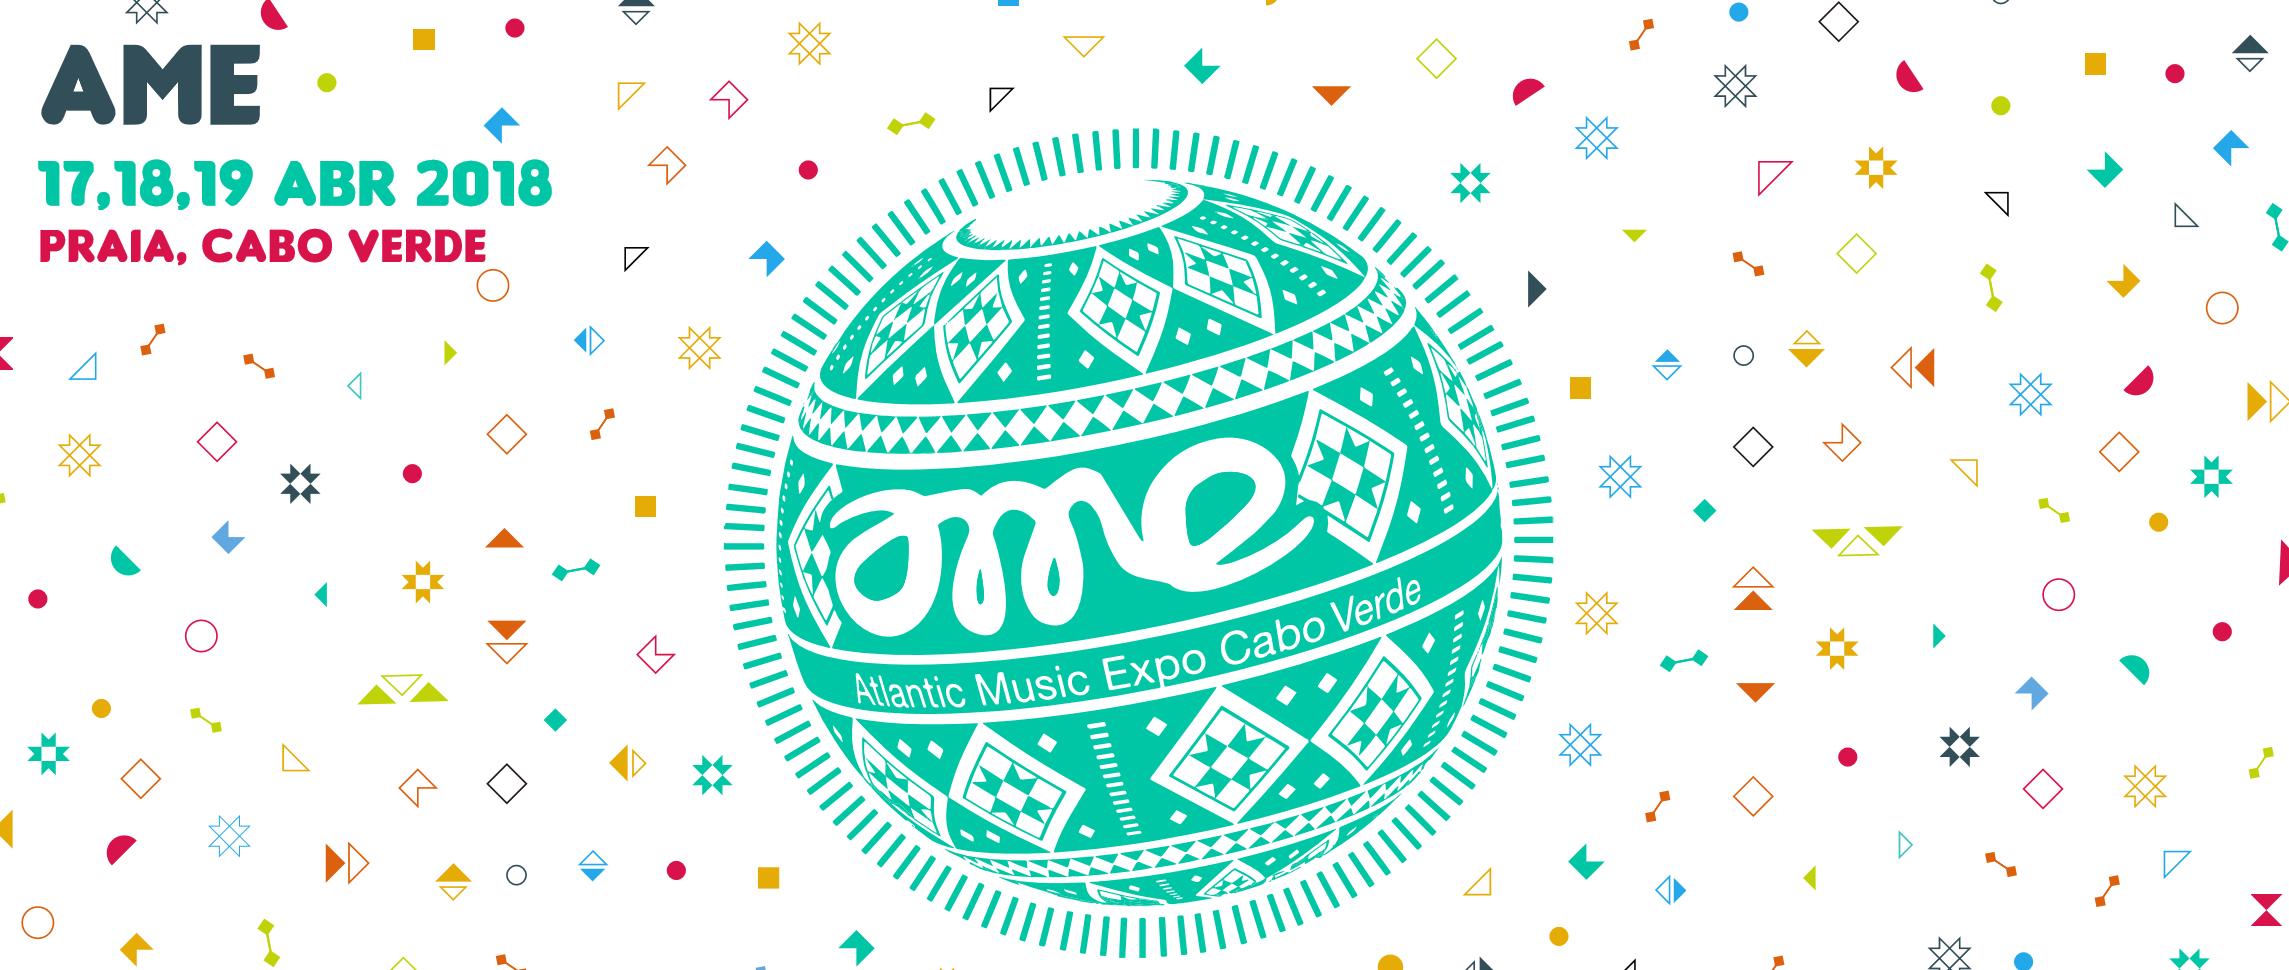 Cartaz do Atlantic Music Expor - AME 2018